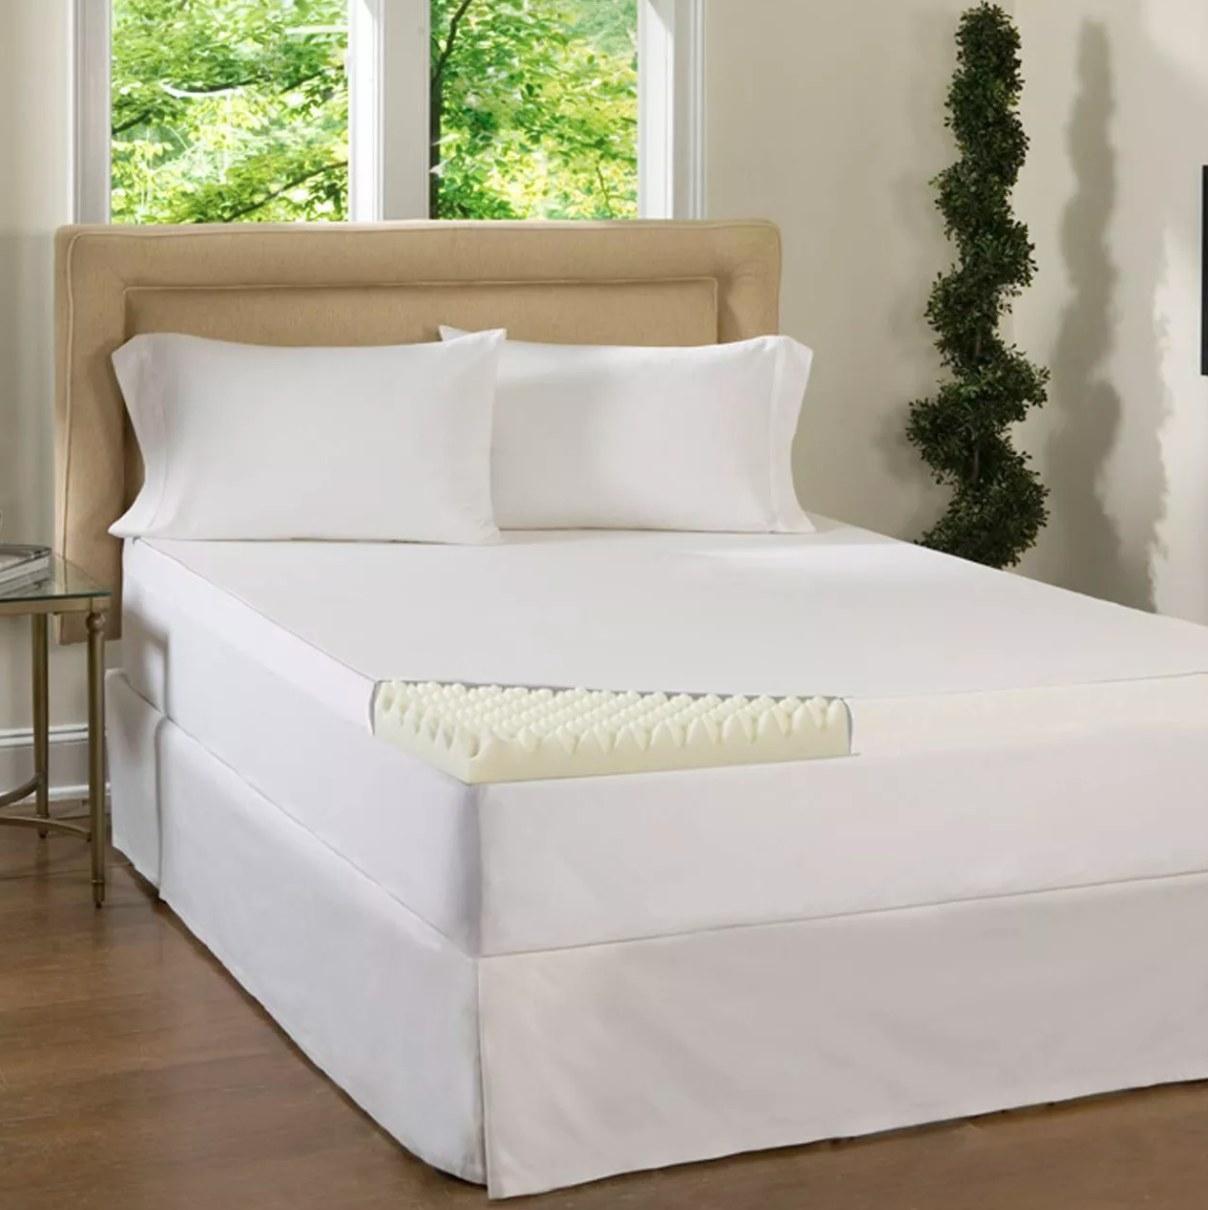 The mattress topper